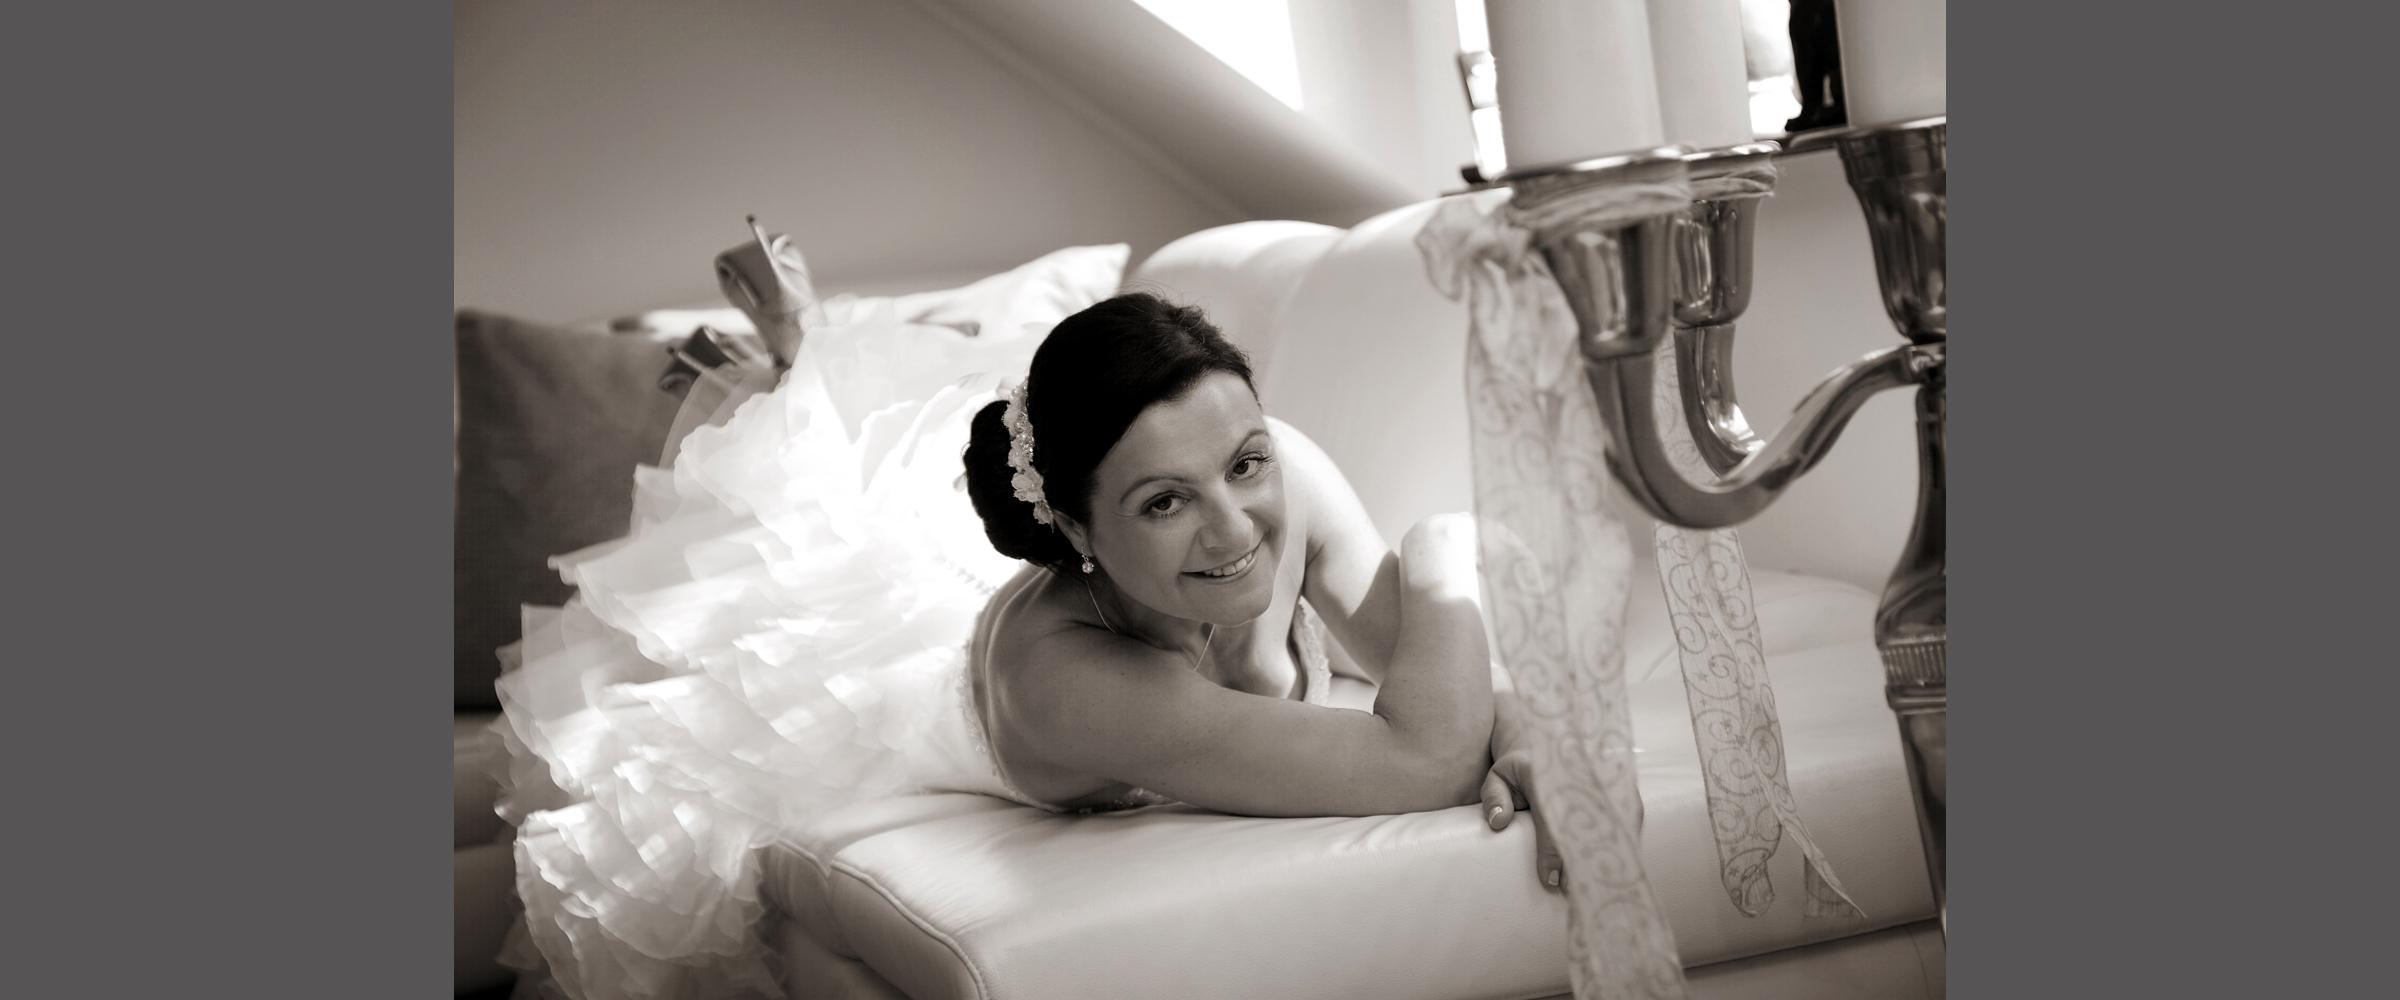 Schwarz-weißes Hochzeitsportrait einer dunkelhaarigen Frau im weißen Brautkleid, die freundlich lächelnd und auf einem weißen Sofa liegend, posiert.